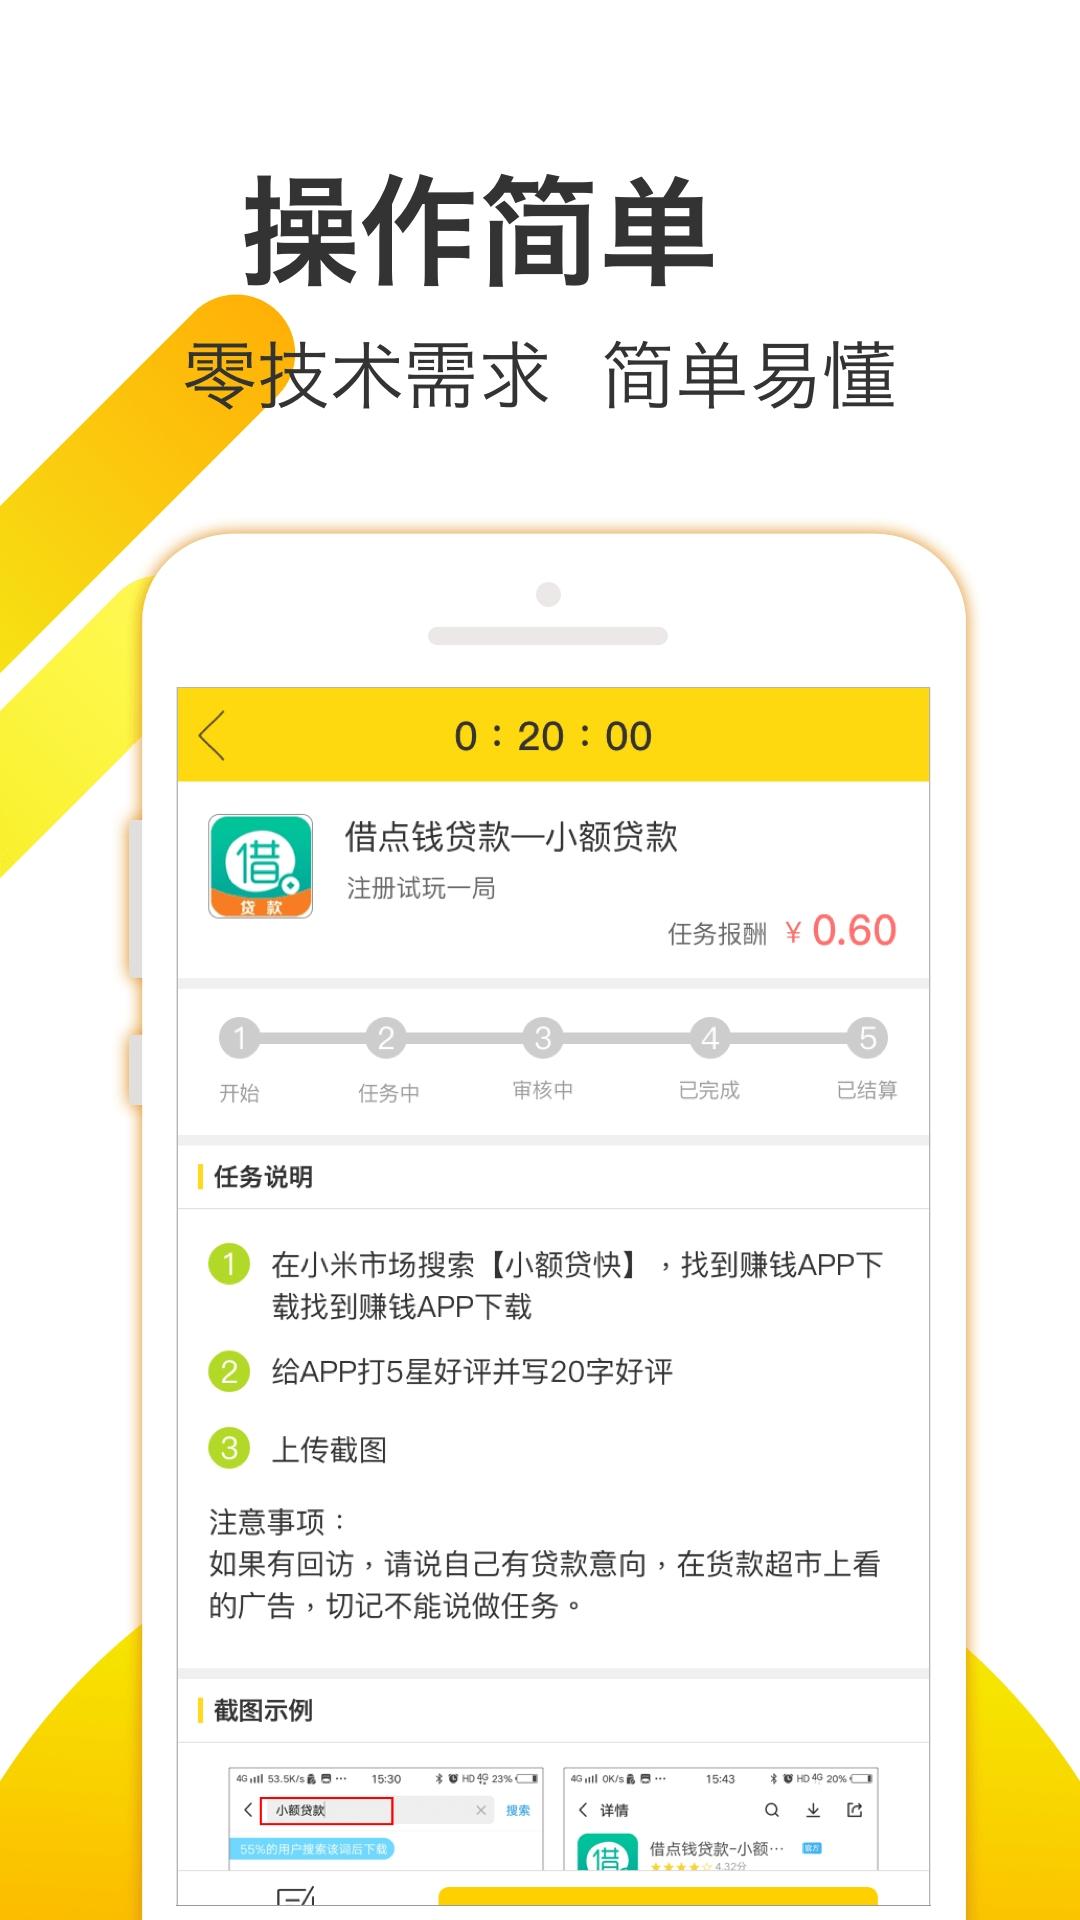 羊多多安卓官方正式版手机软件下载v1.1.4截图4